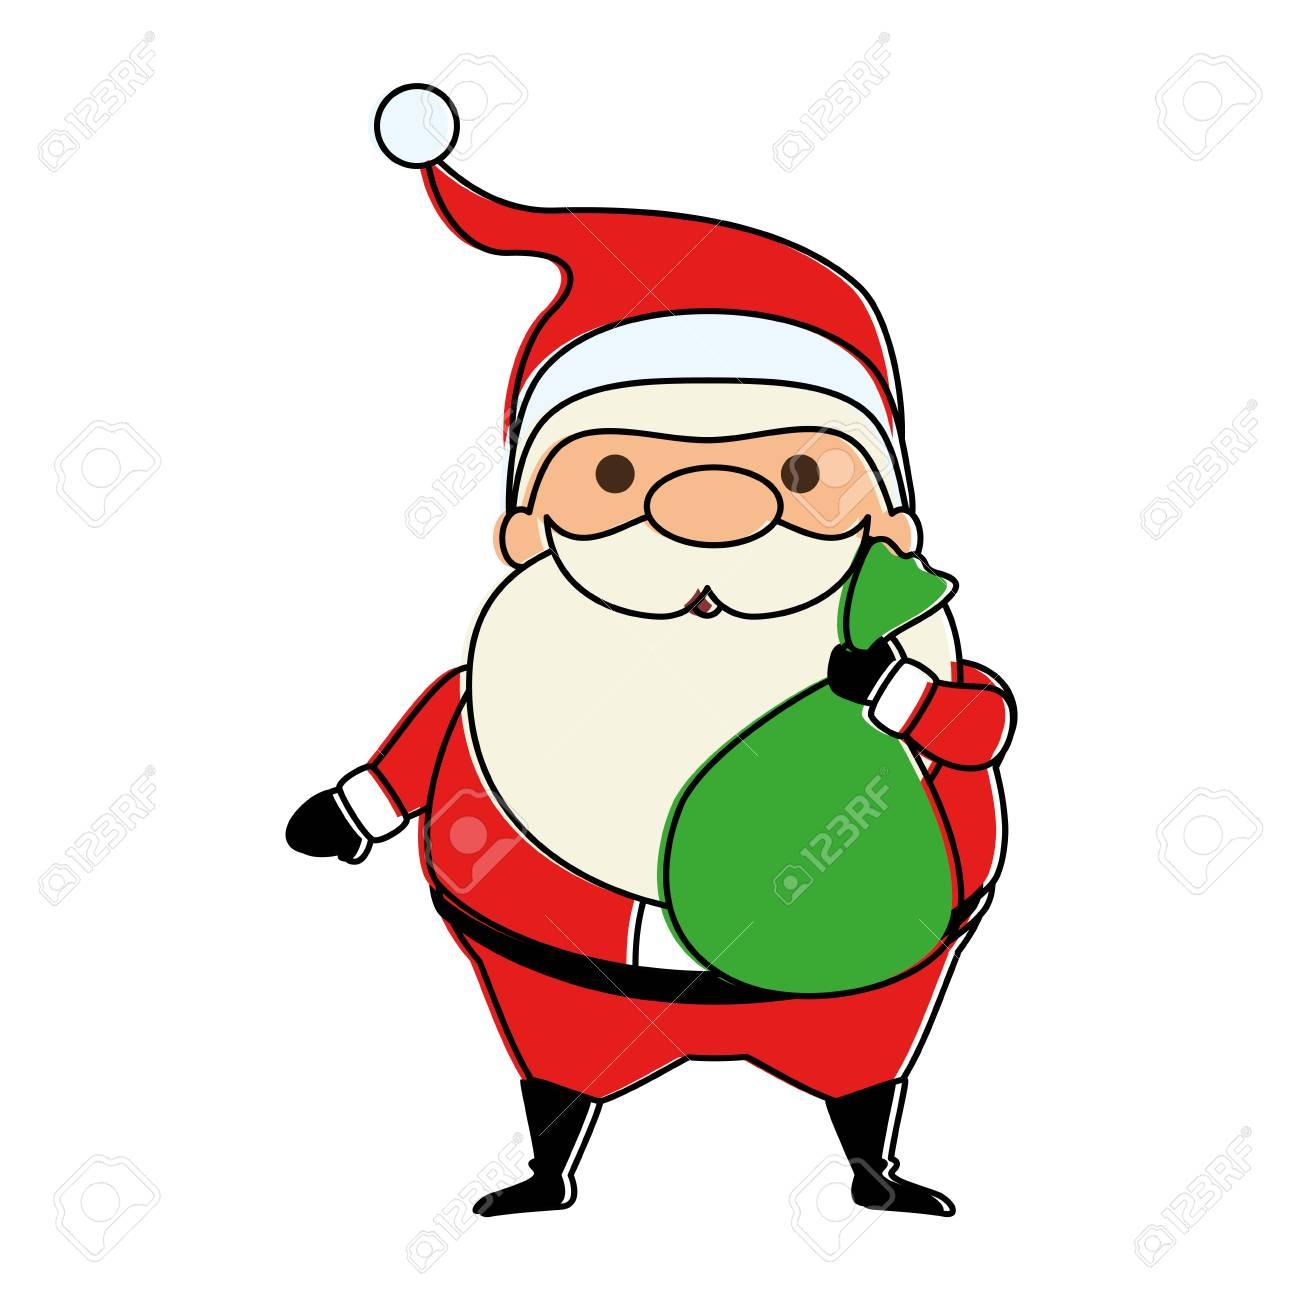 Cute Santa Claus With Bag Kawaii Character Vector Illustration Royalty Free Cliparts Vectors And Stock Illustration Image 92262326